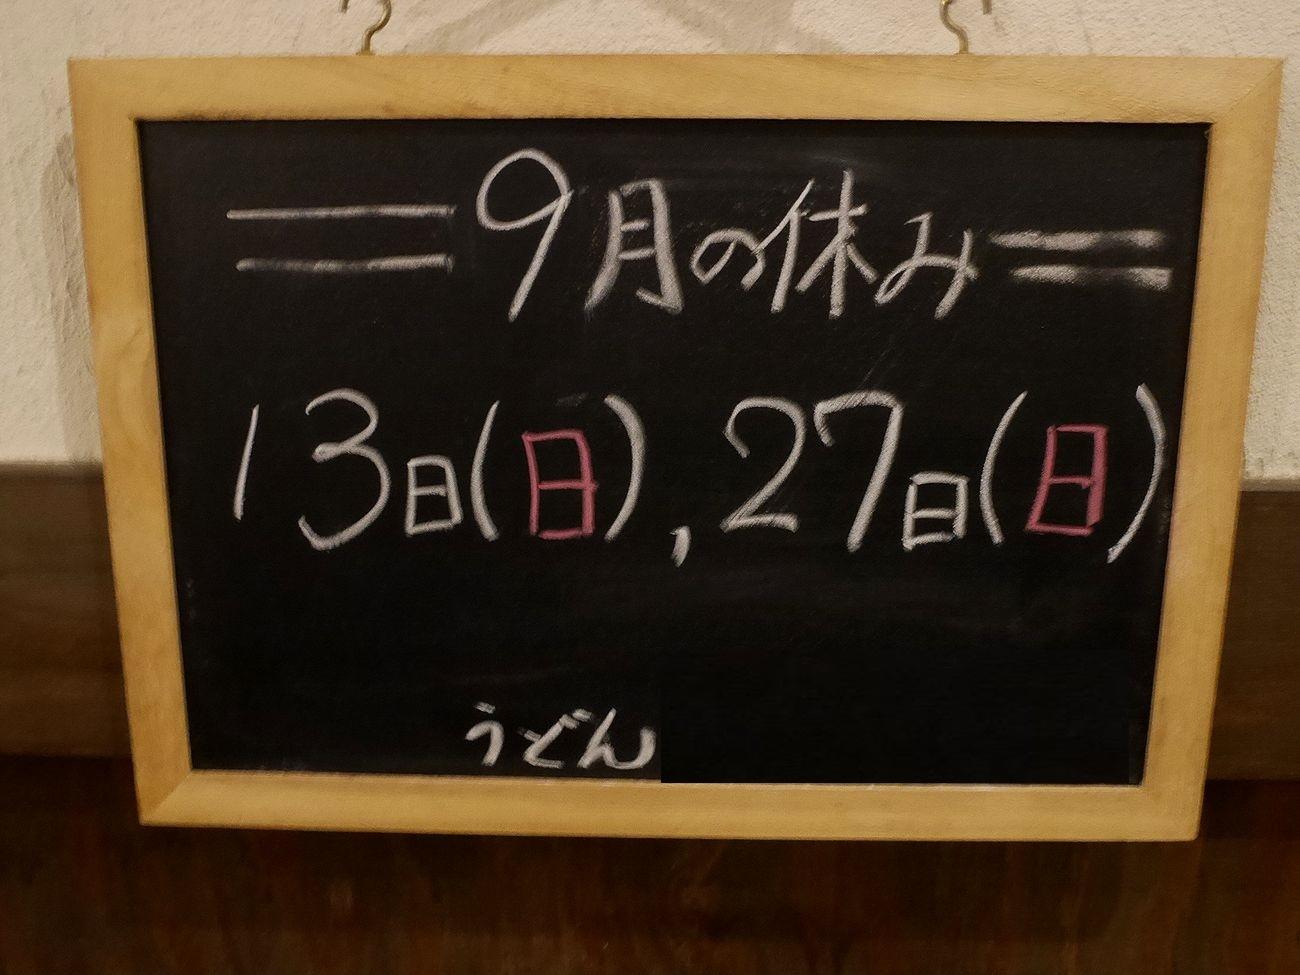 _1370369-2.jpg